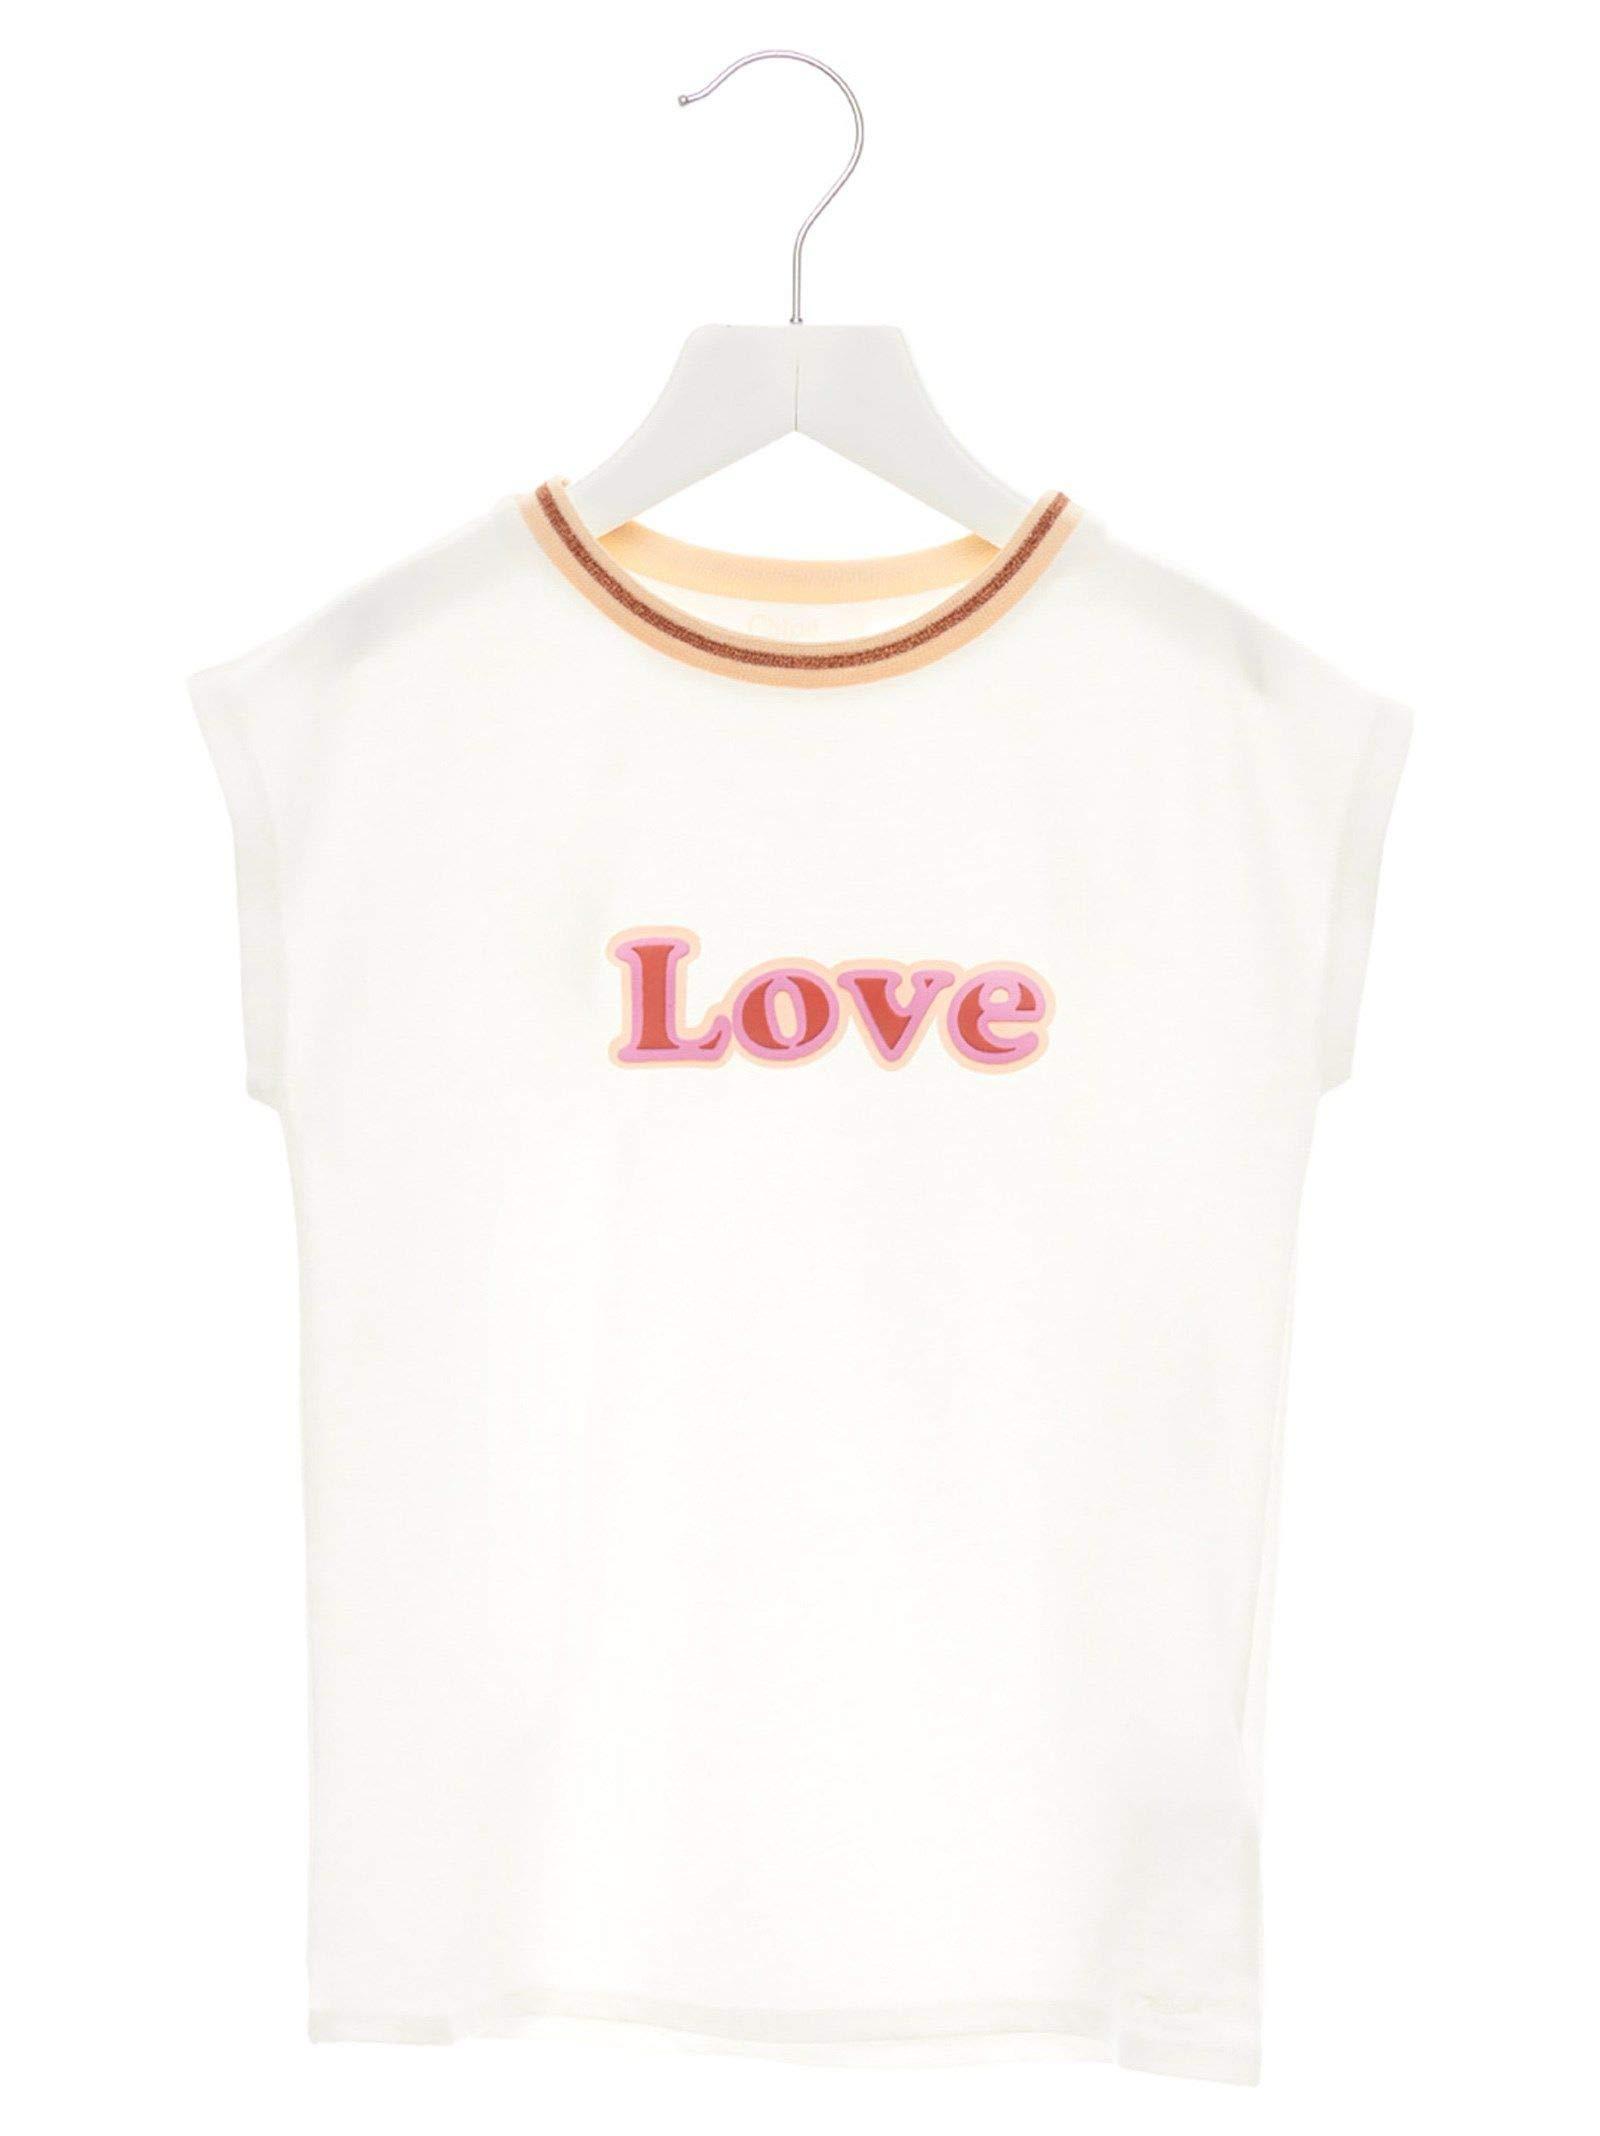 Chloé Girls C15a61117 White Cotton T-Shirt by Chloé (Image #1)